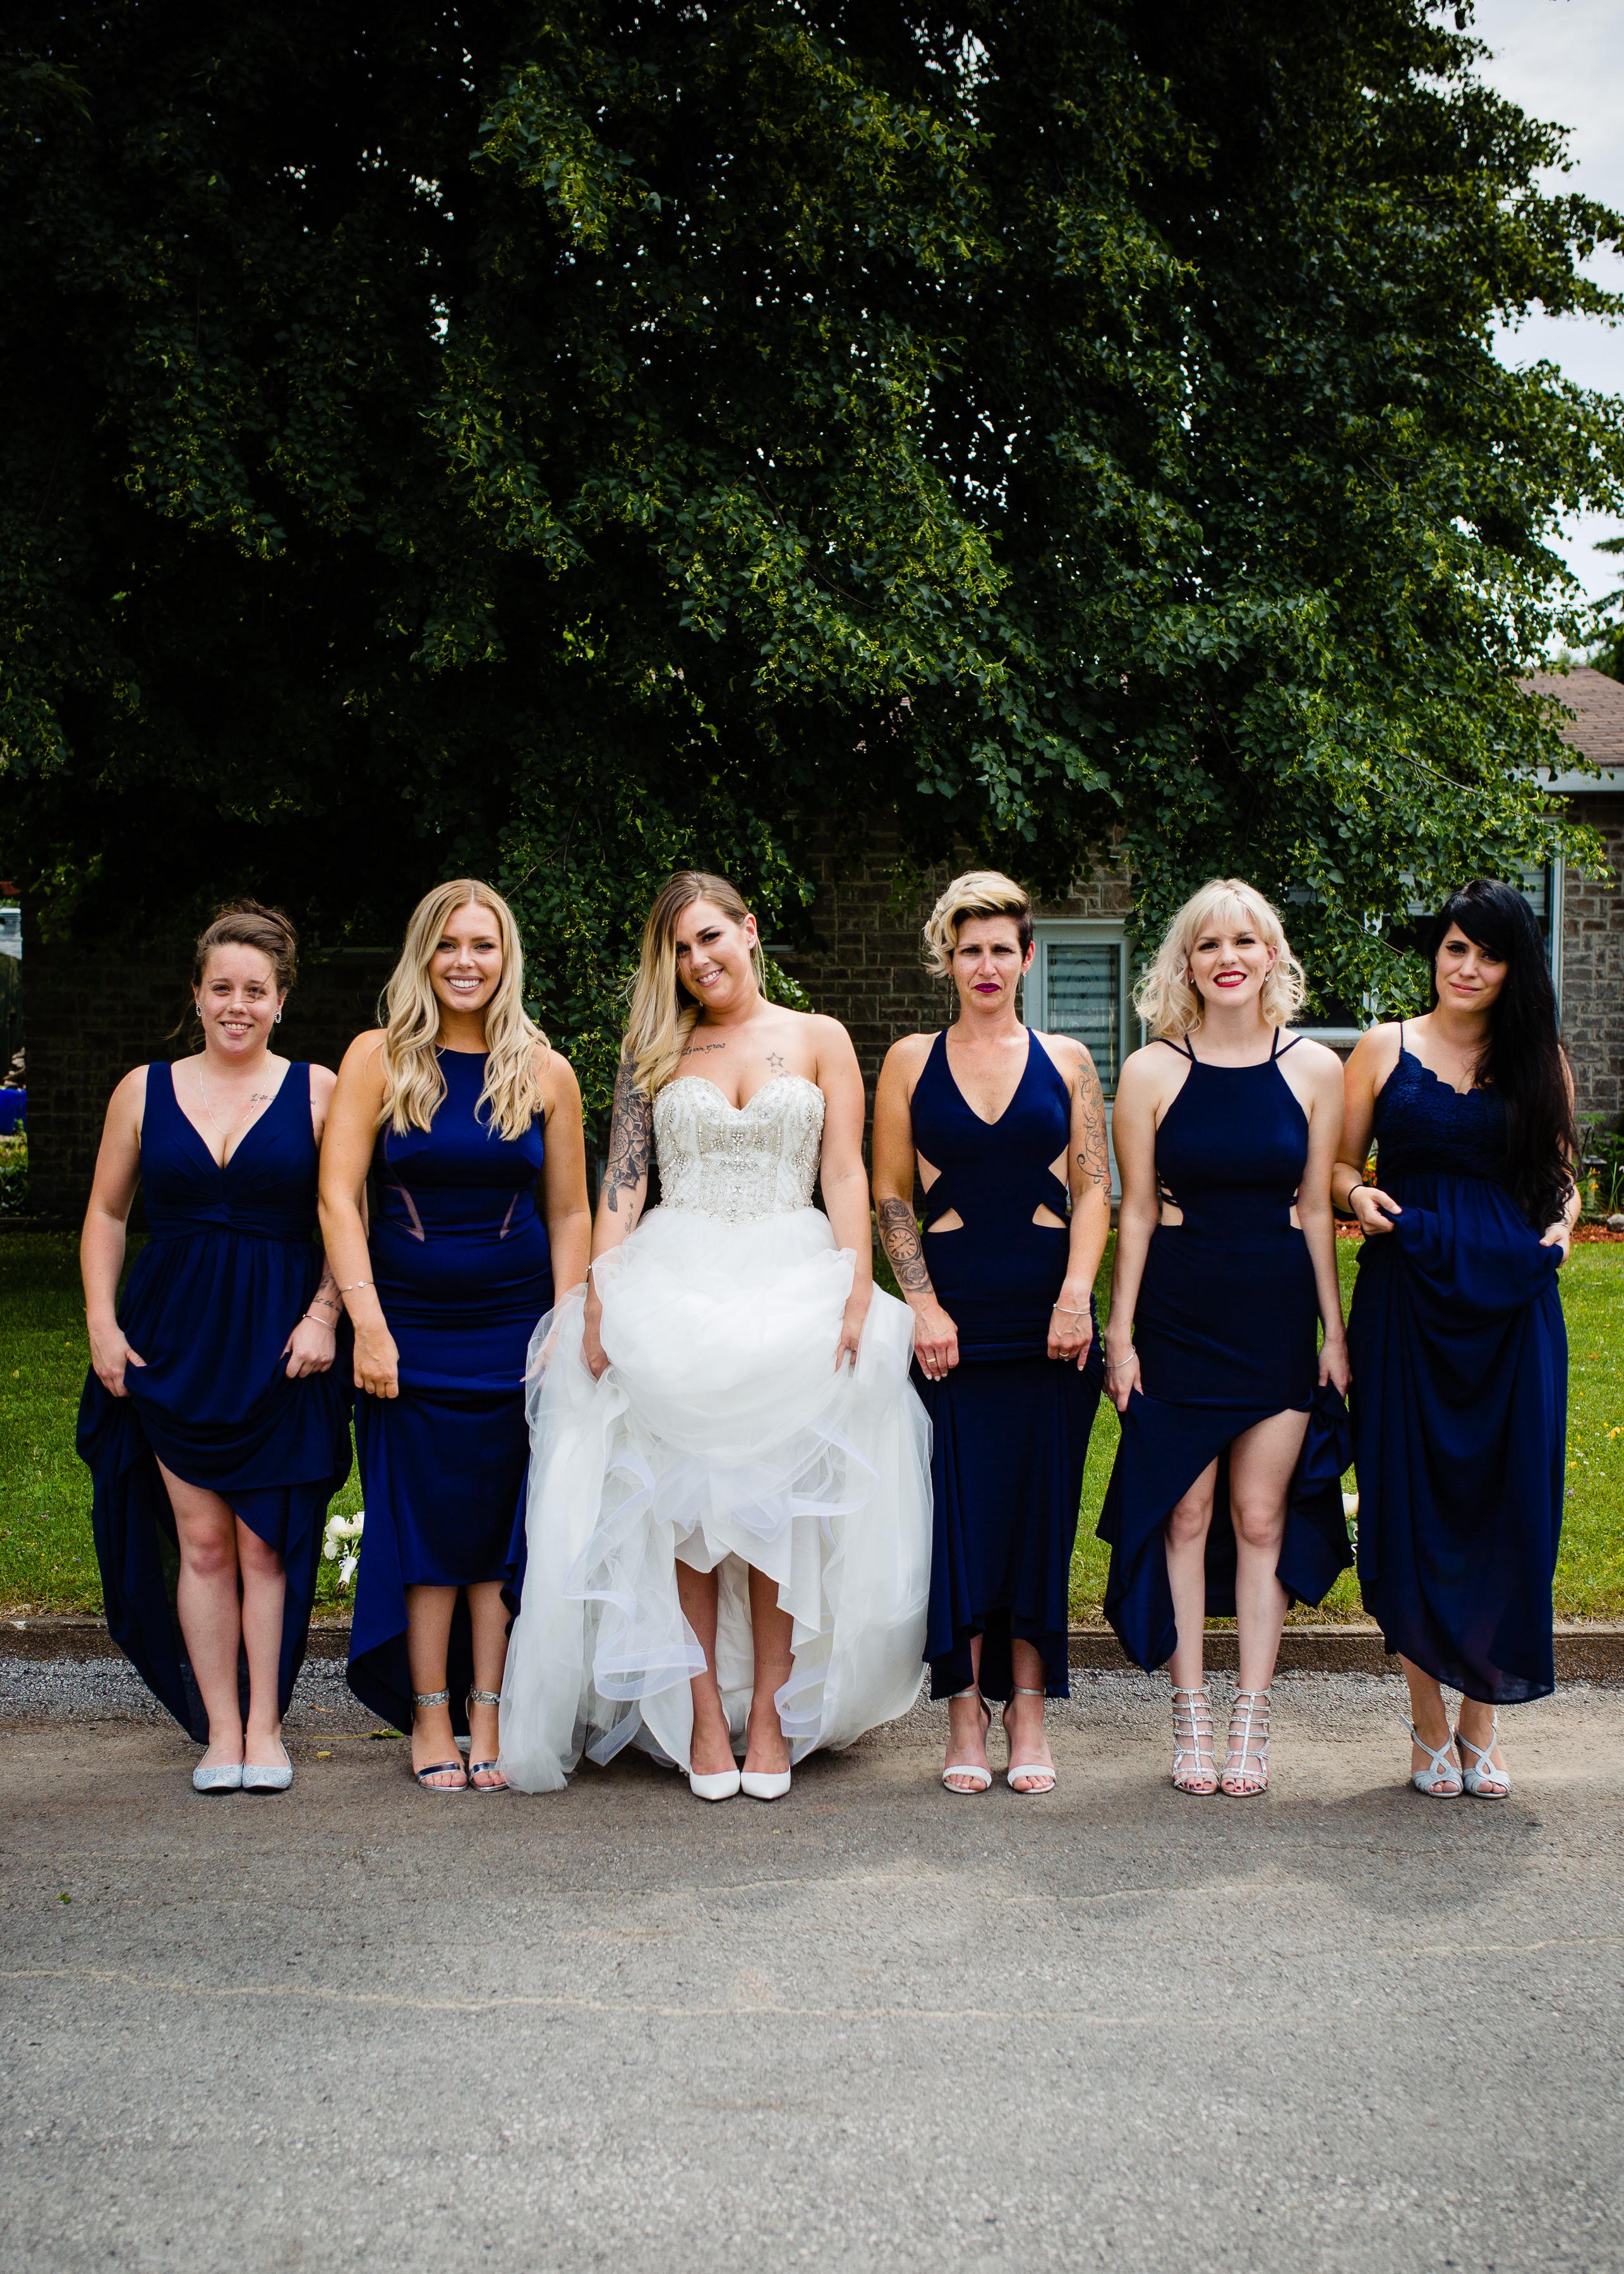 mariage-cortege-filles-dhonneur-preparation-montreal